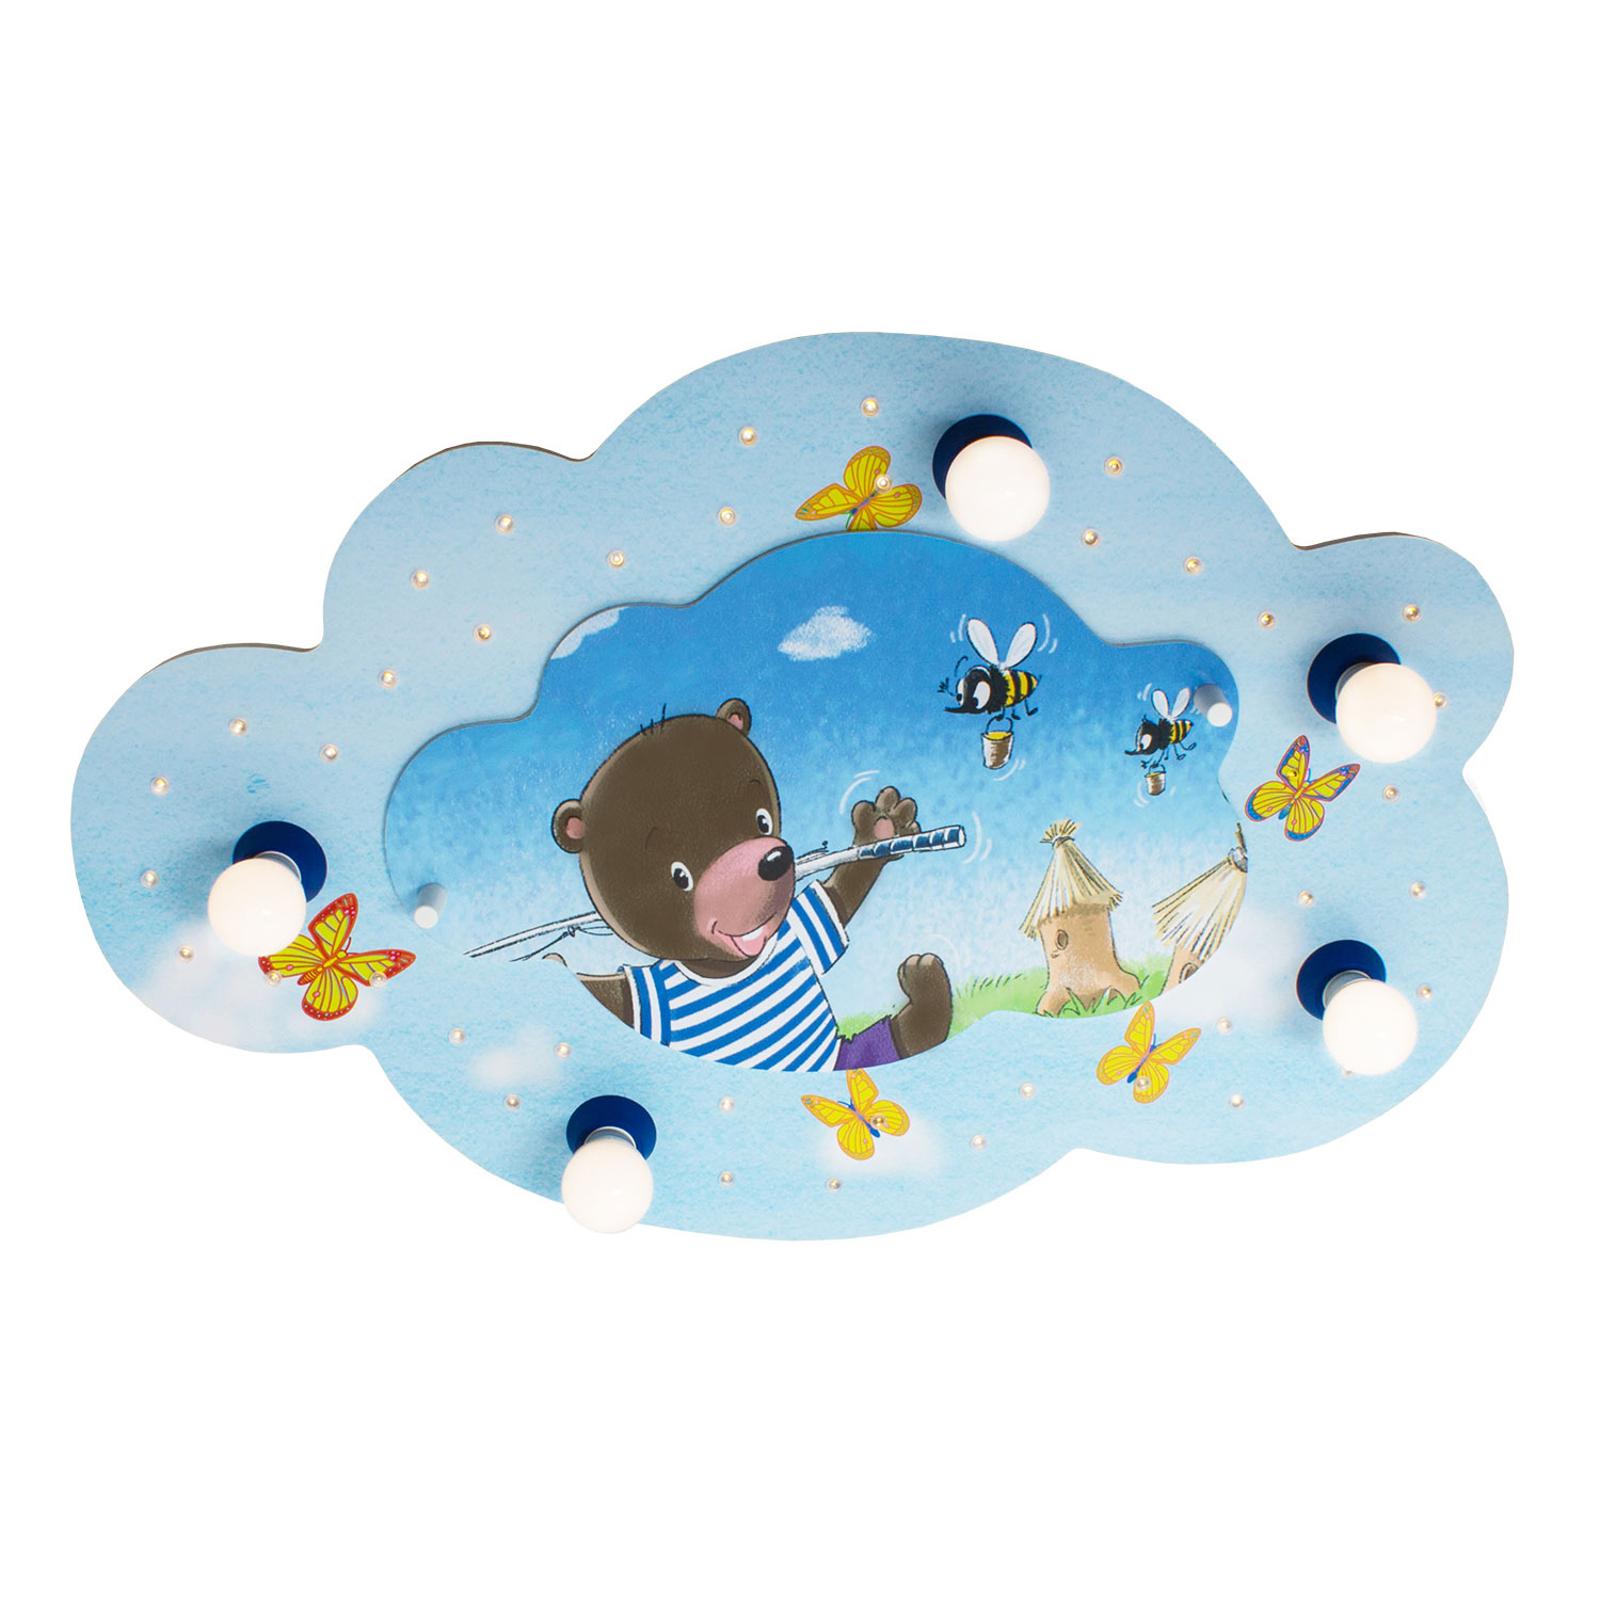 Deckenleuchte Bär mit Angel Bildwolke, blau